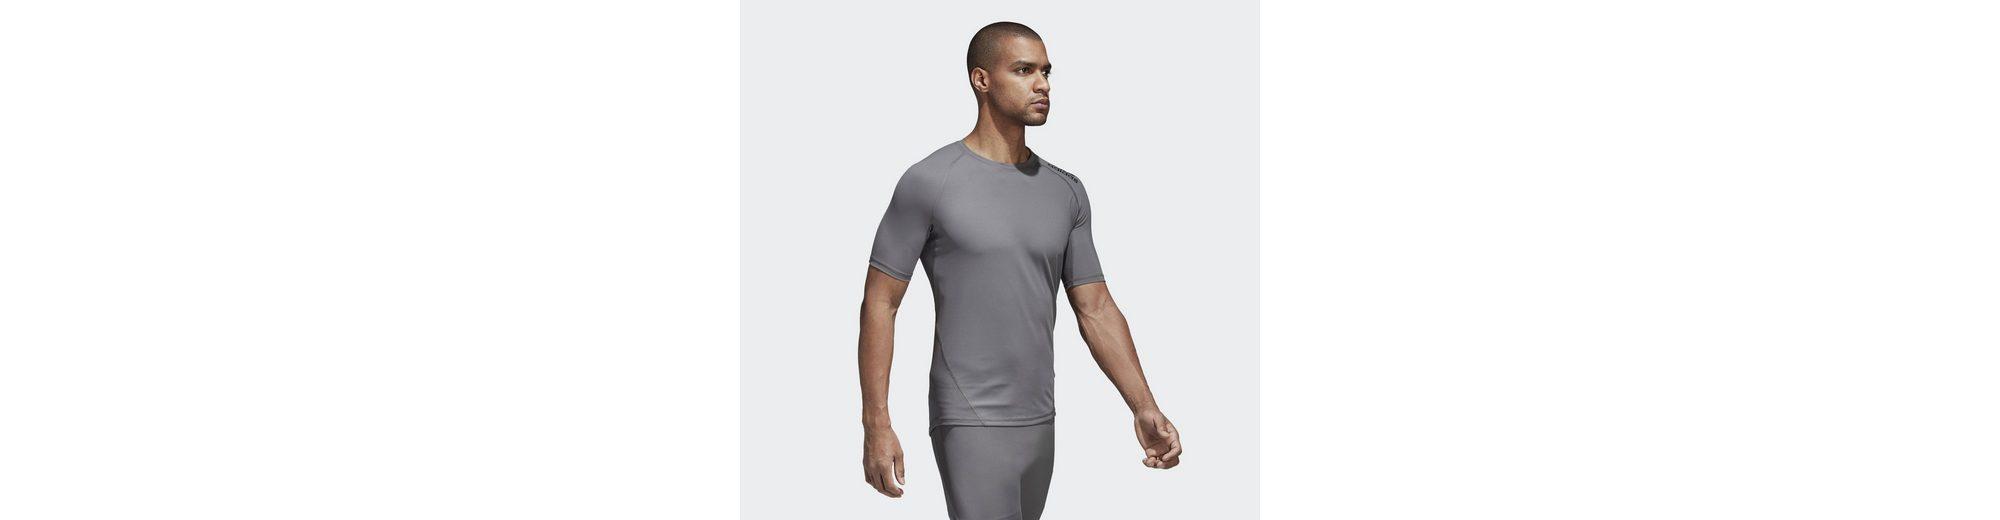 Rabatte Beliebt Und Billig adidas Performance T-Shirt Alphaskin Sport T-Shirt Günstiger Preis Auslass Verkauf 2018 Auslaß Niedrig Versandkosten 3tTLKegR